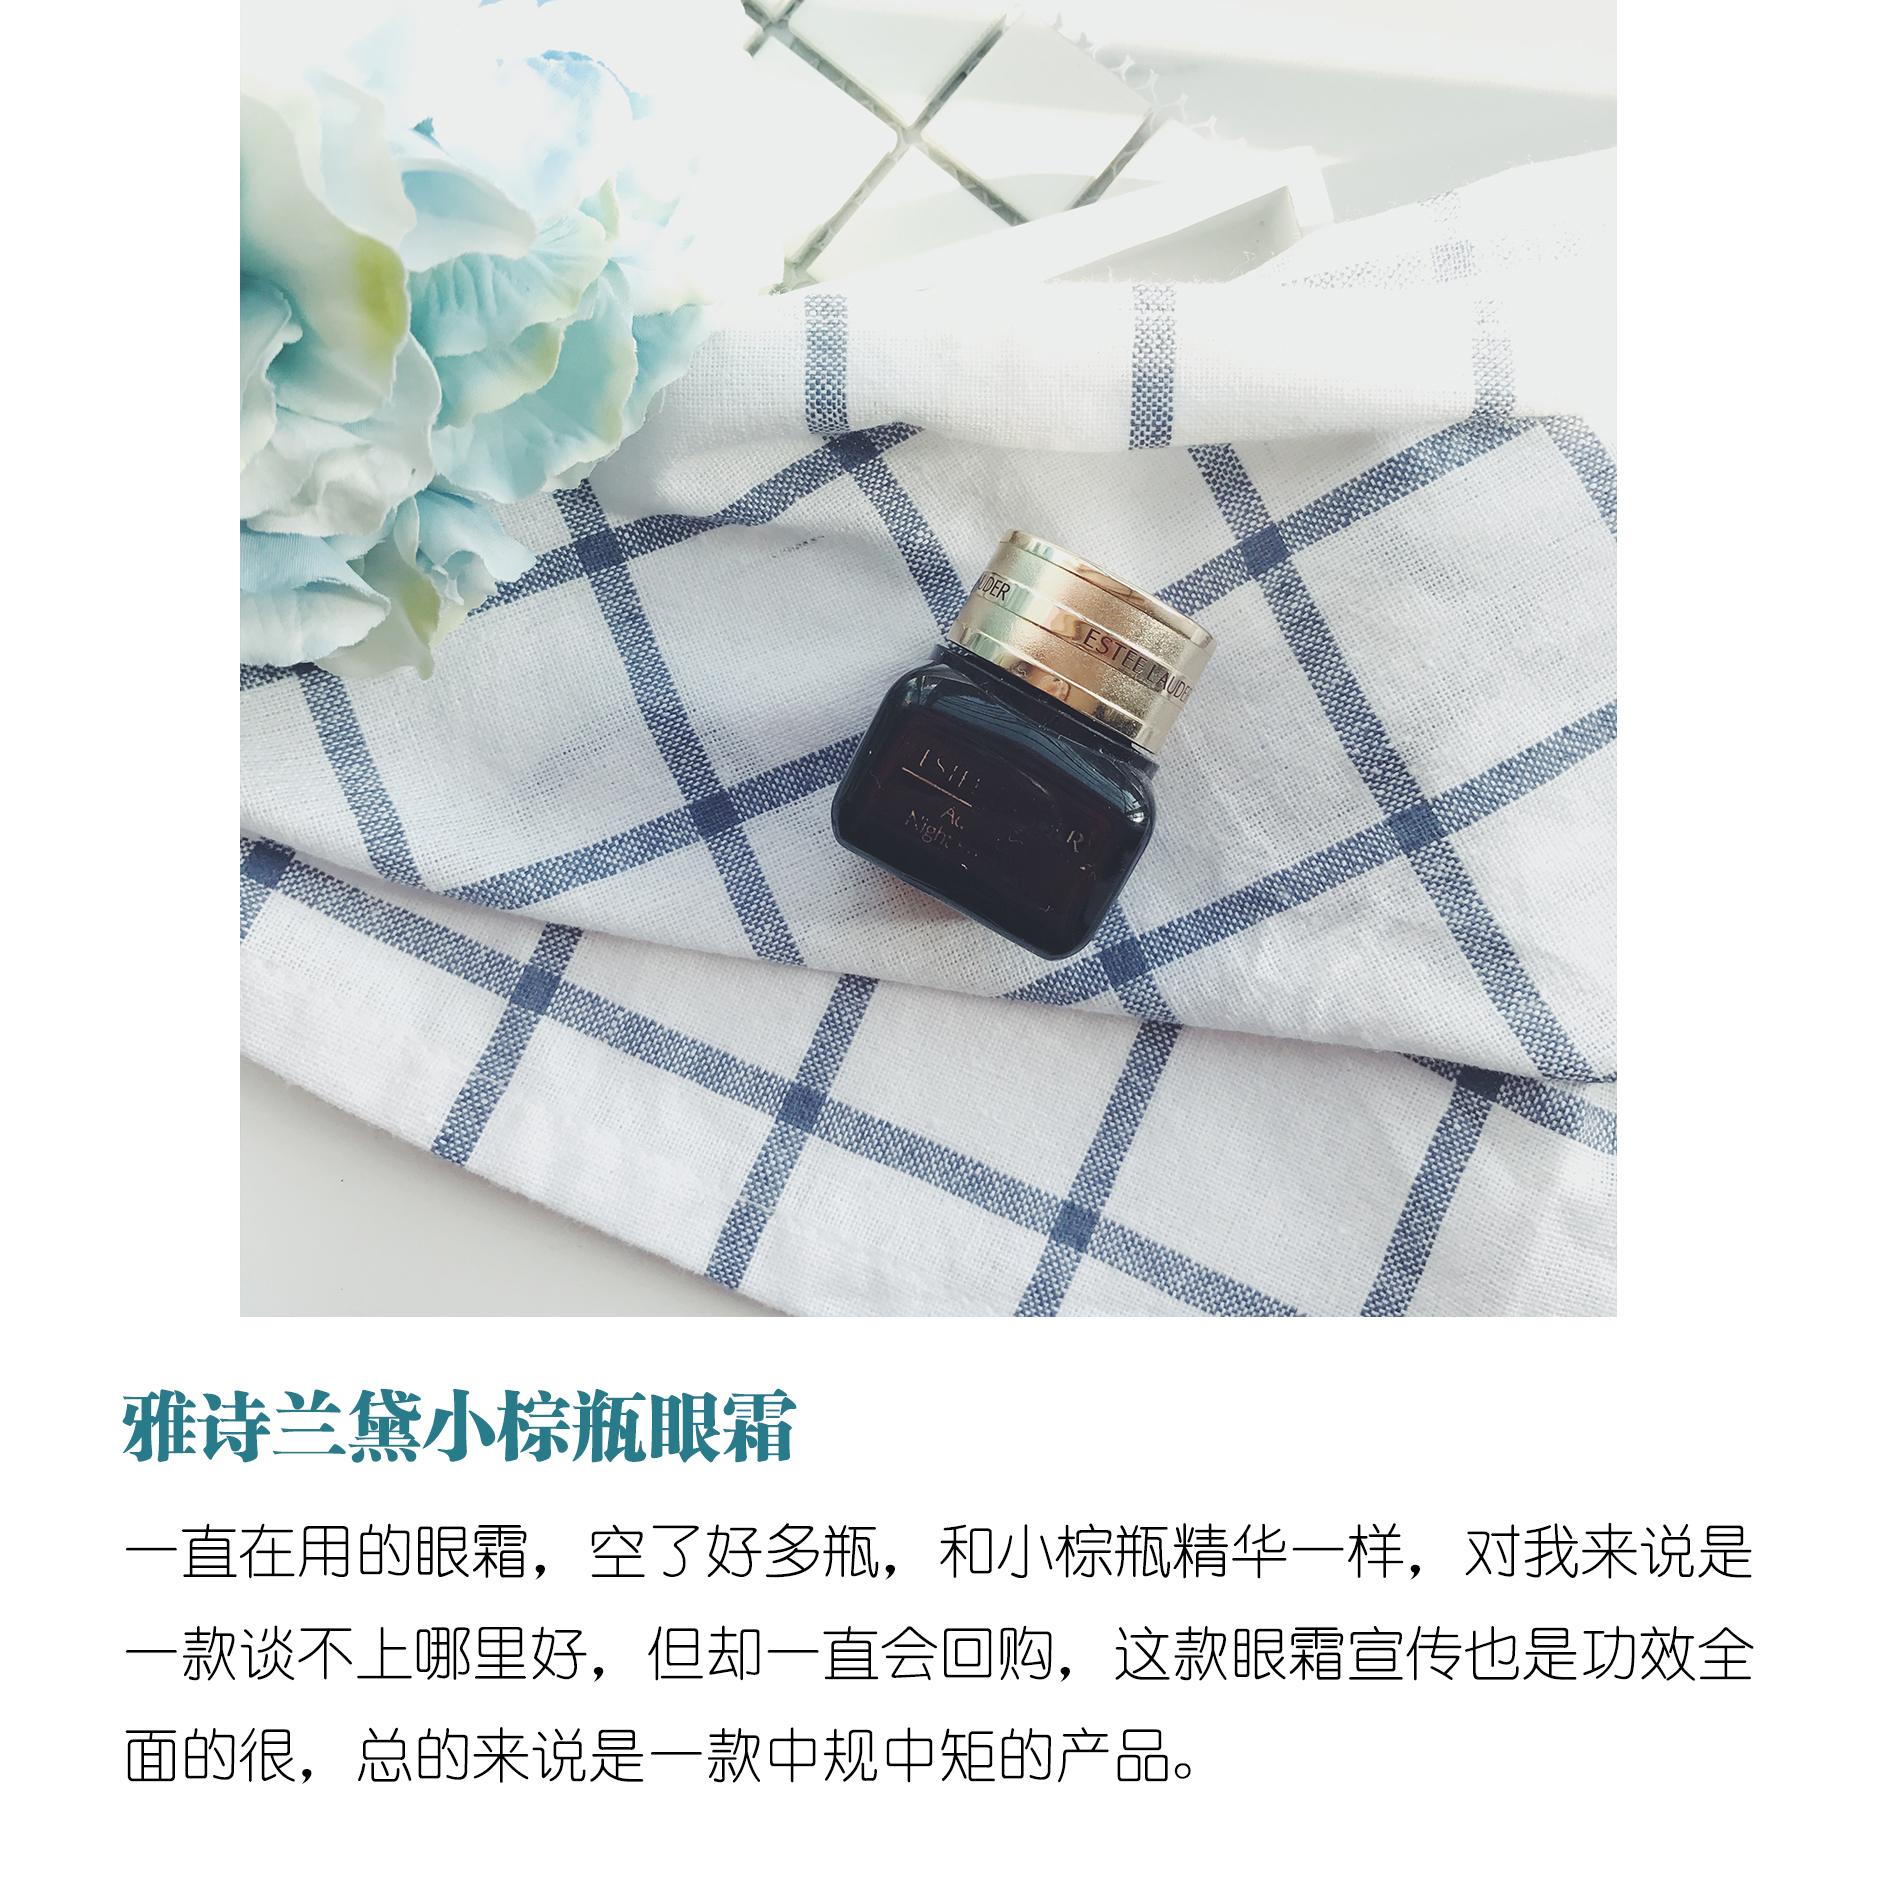 29雅诗兰黛眼霜.jpg